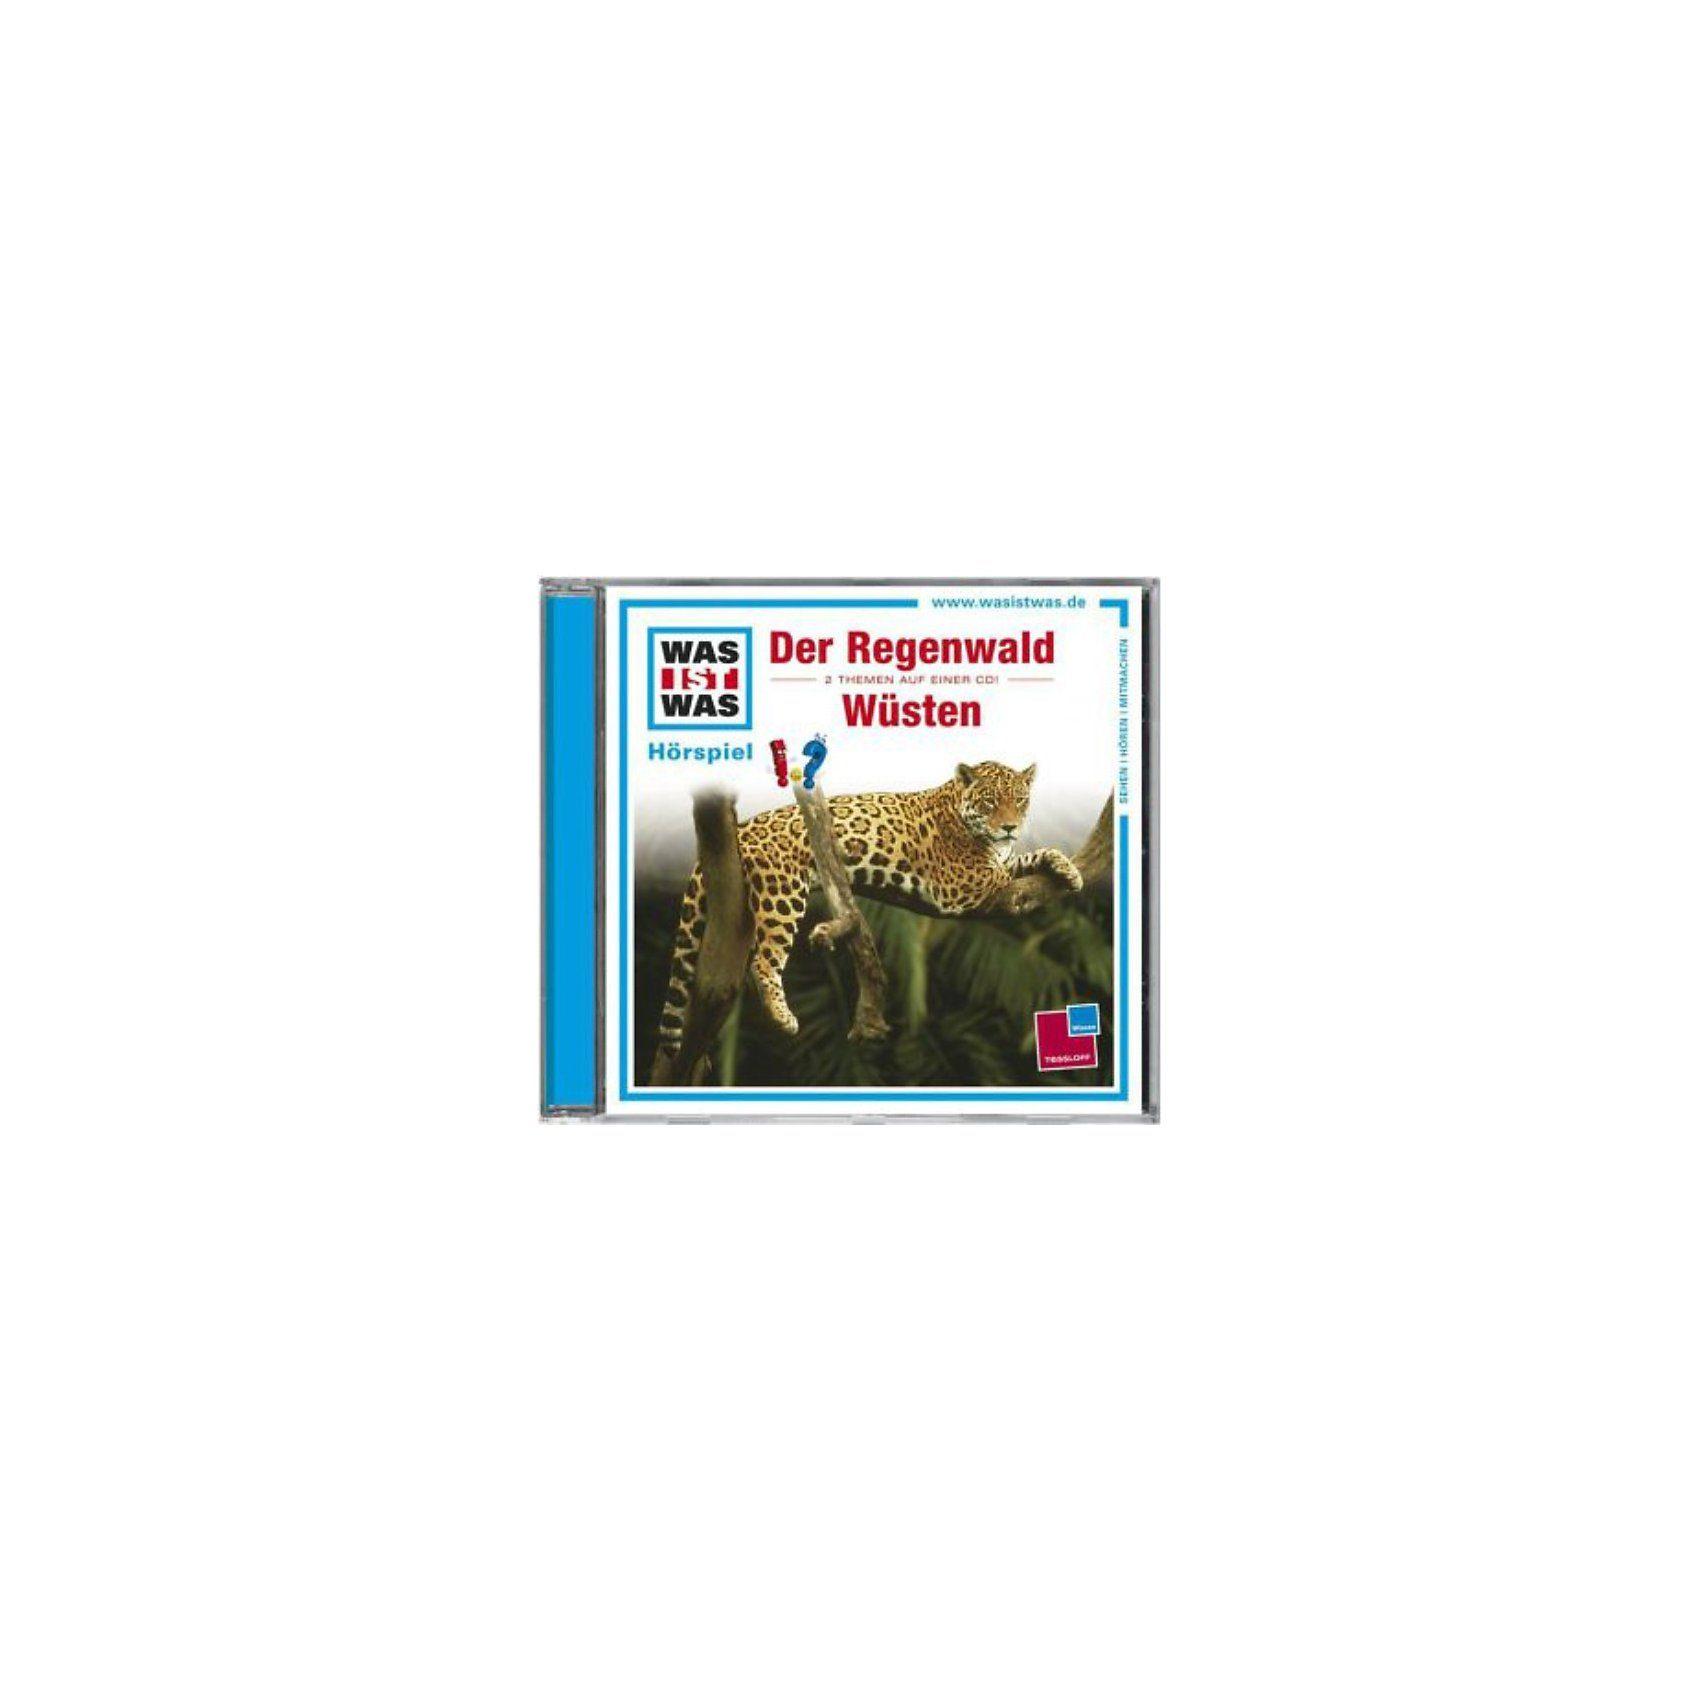 Universal CD Was ist Was 24 (Der Regenwald/Wüsten)